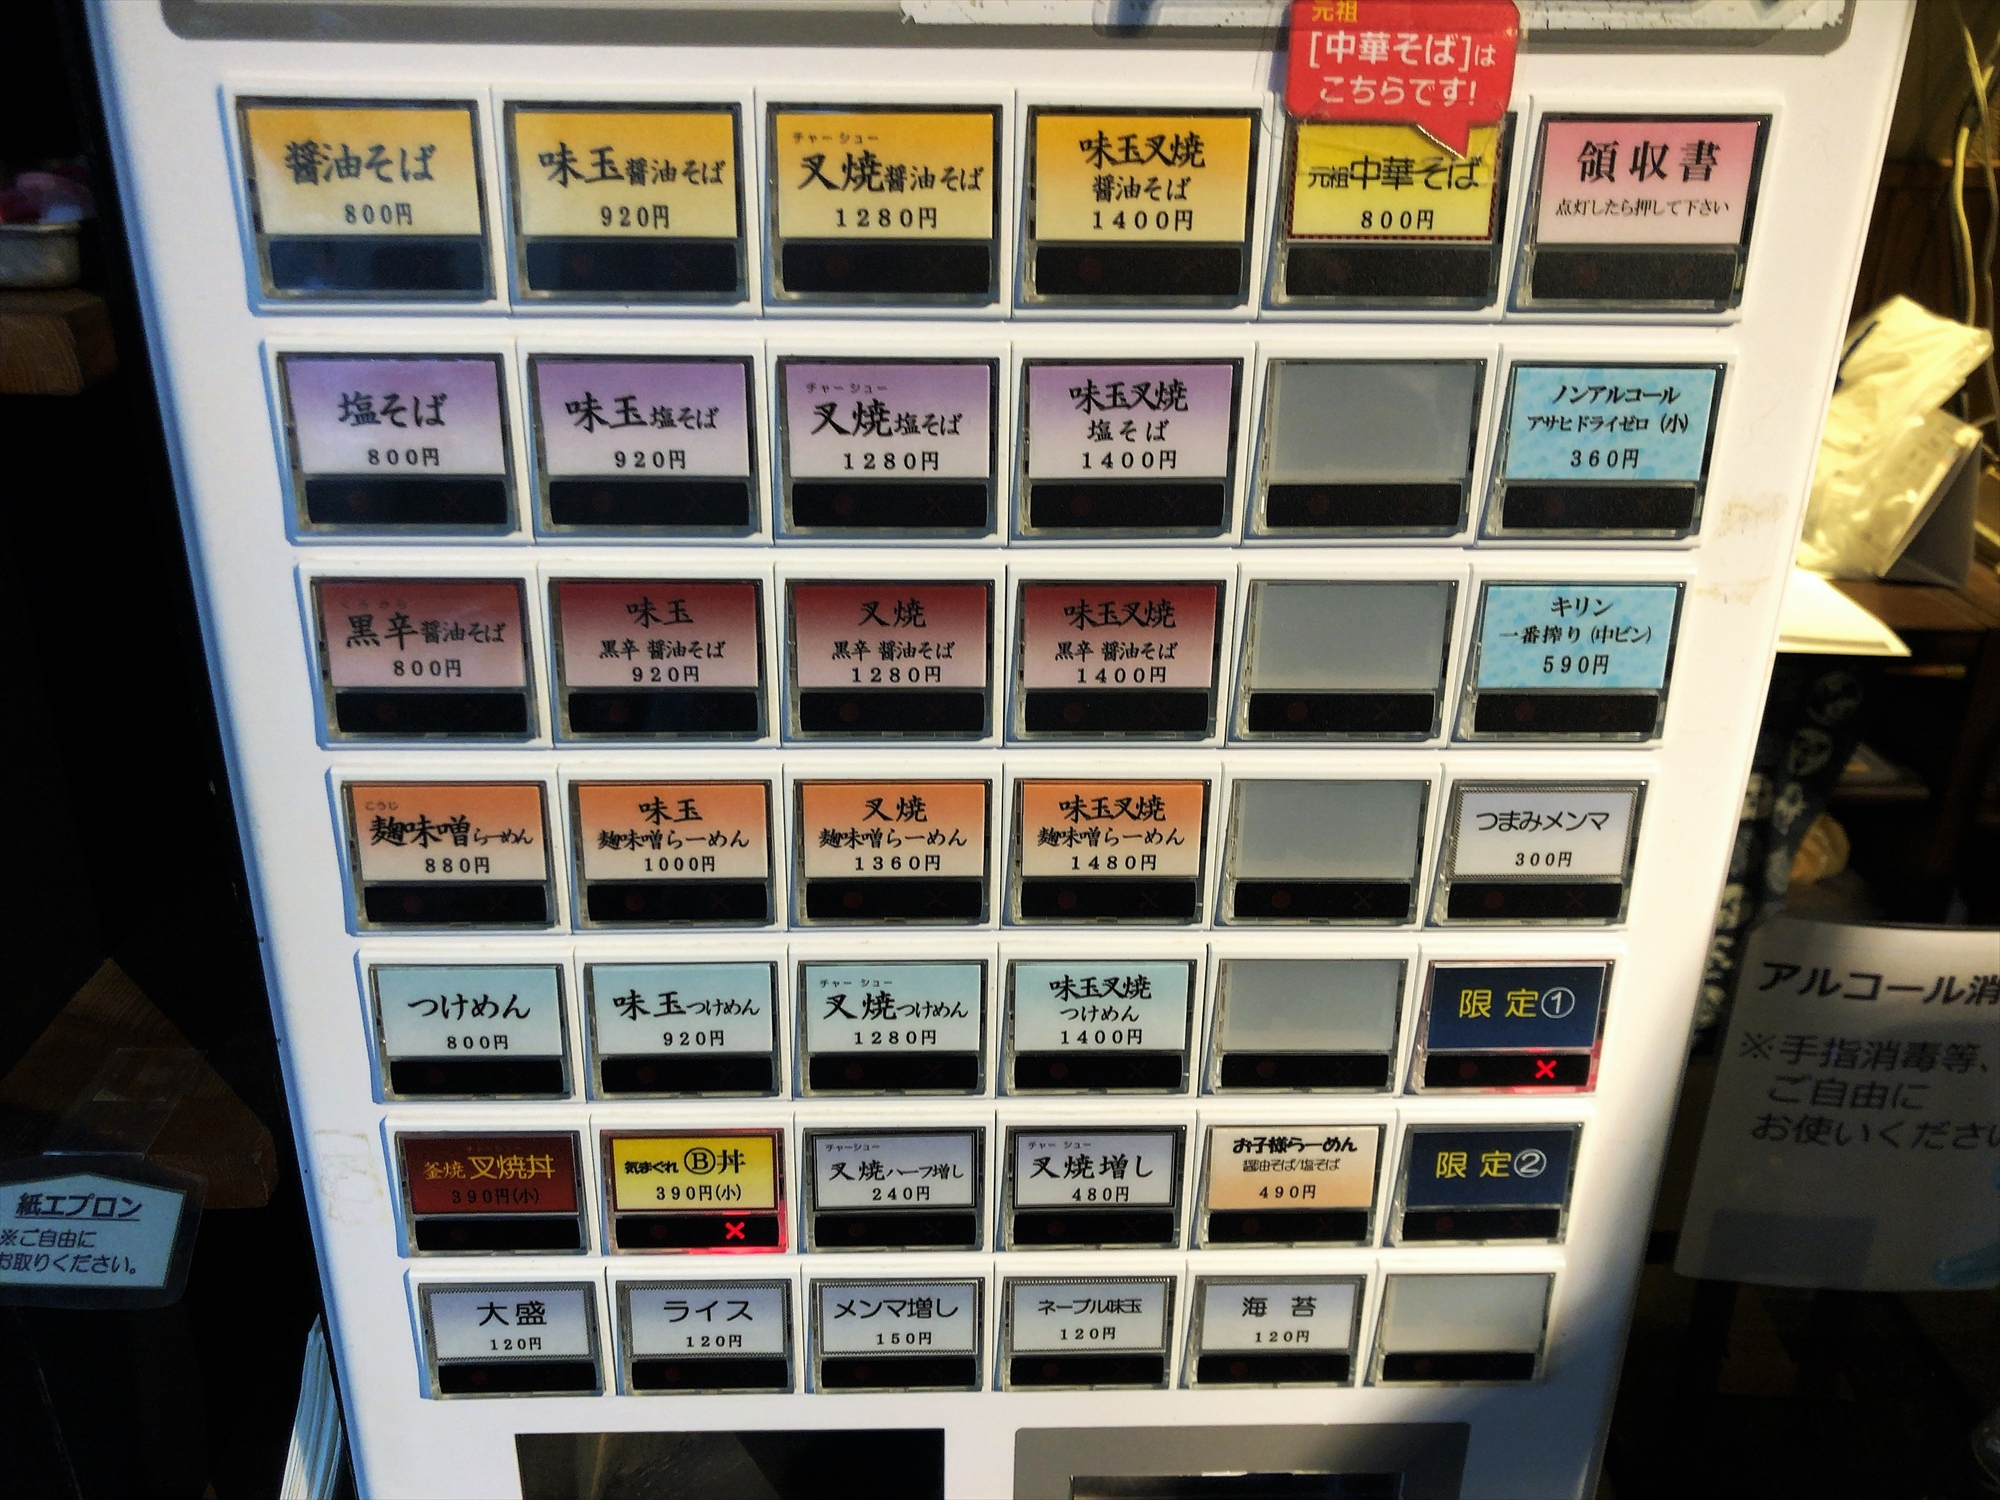 らーめん ヤマシロの券売機